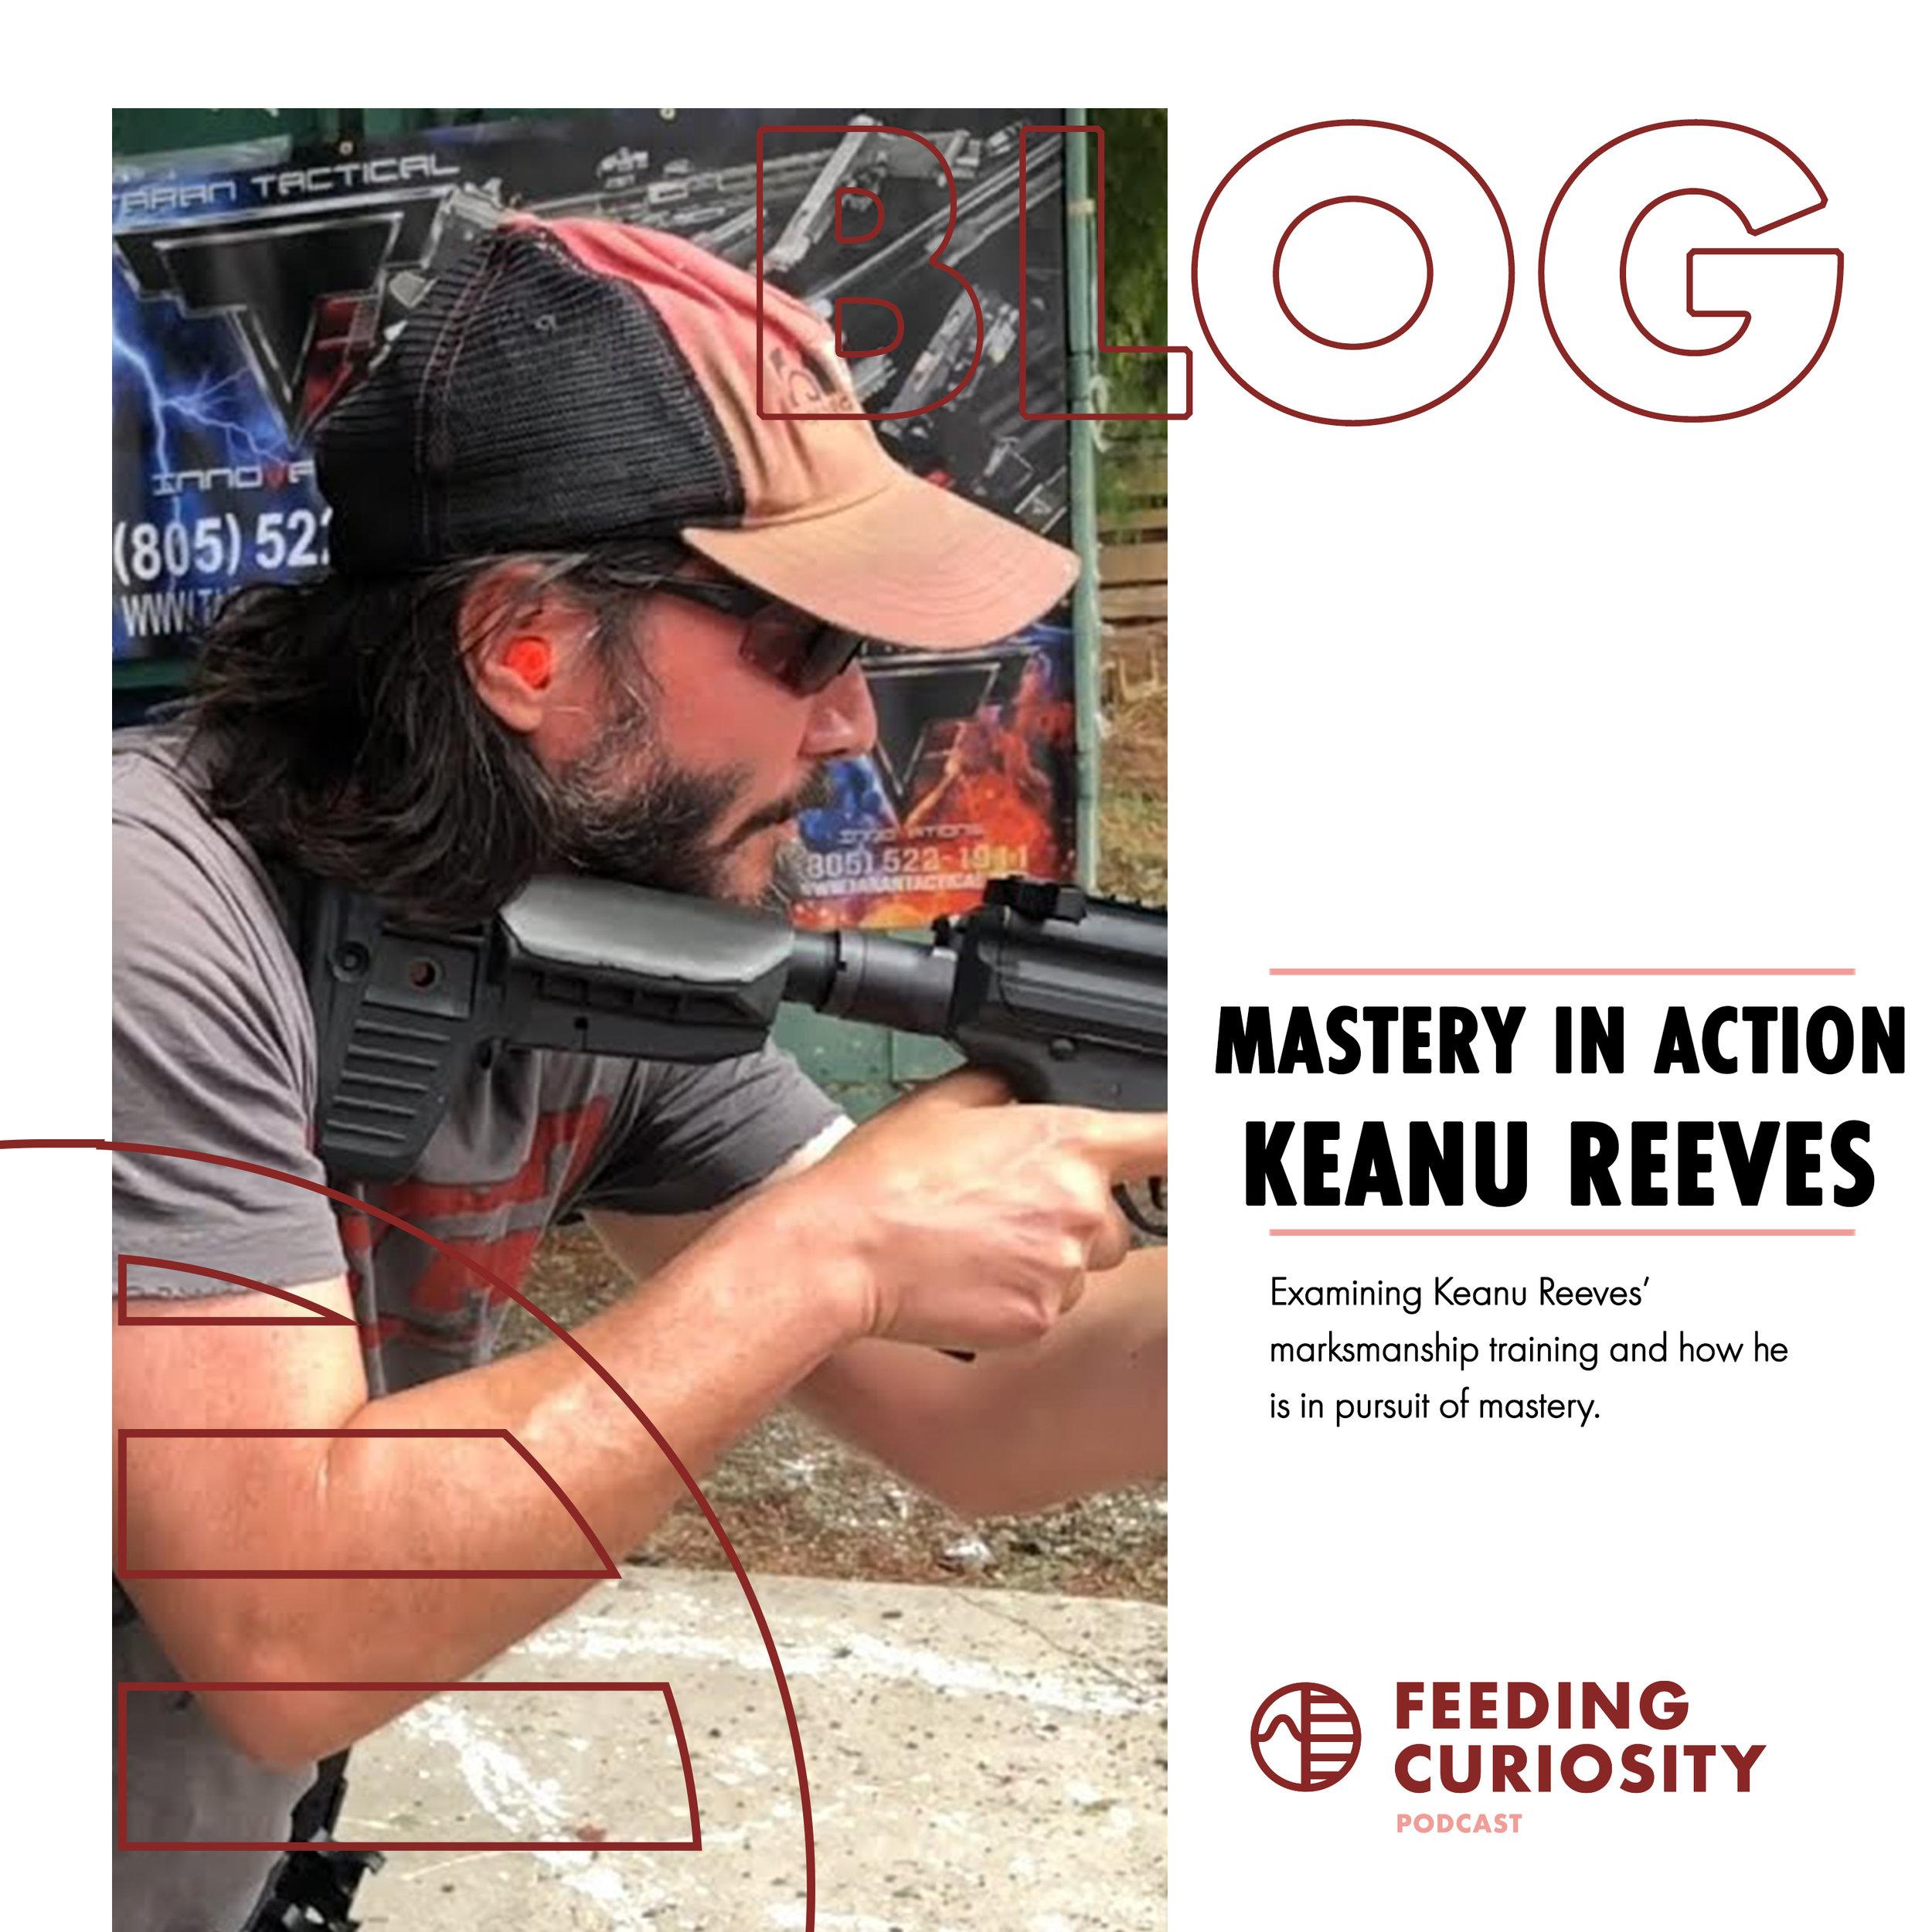 Mastery in Action - Keanu Reeves.jpg